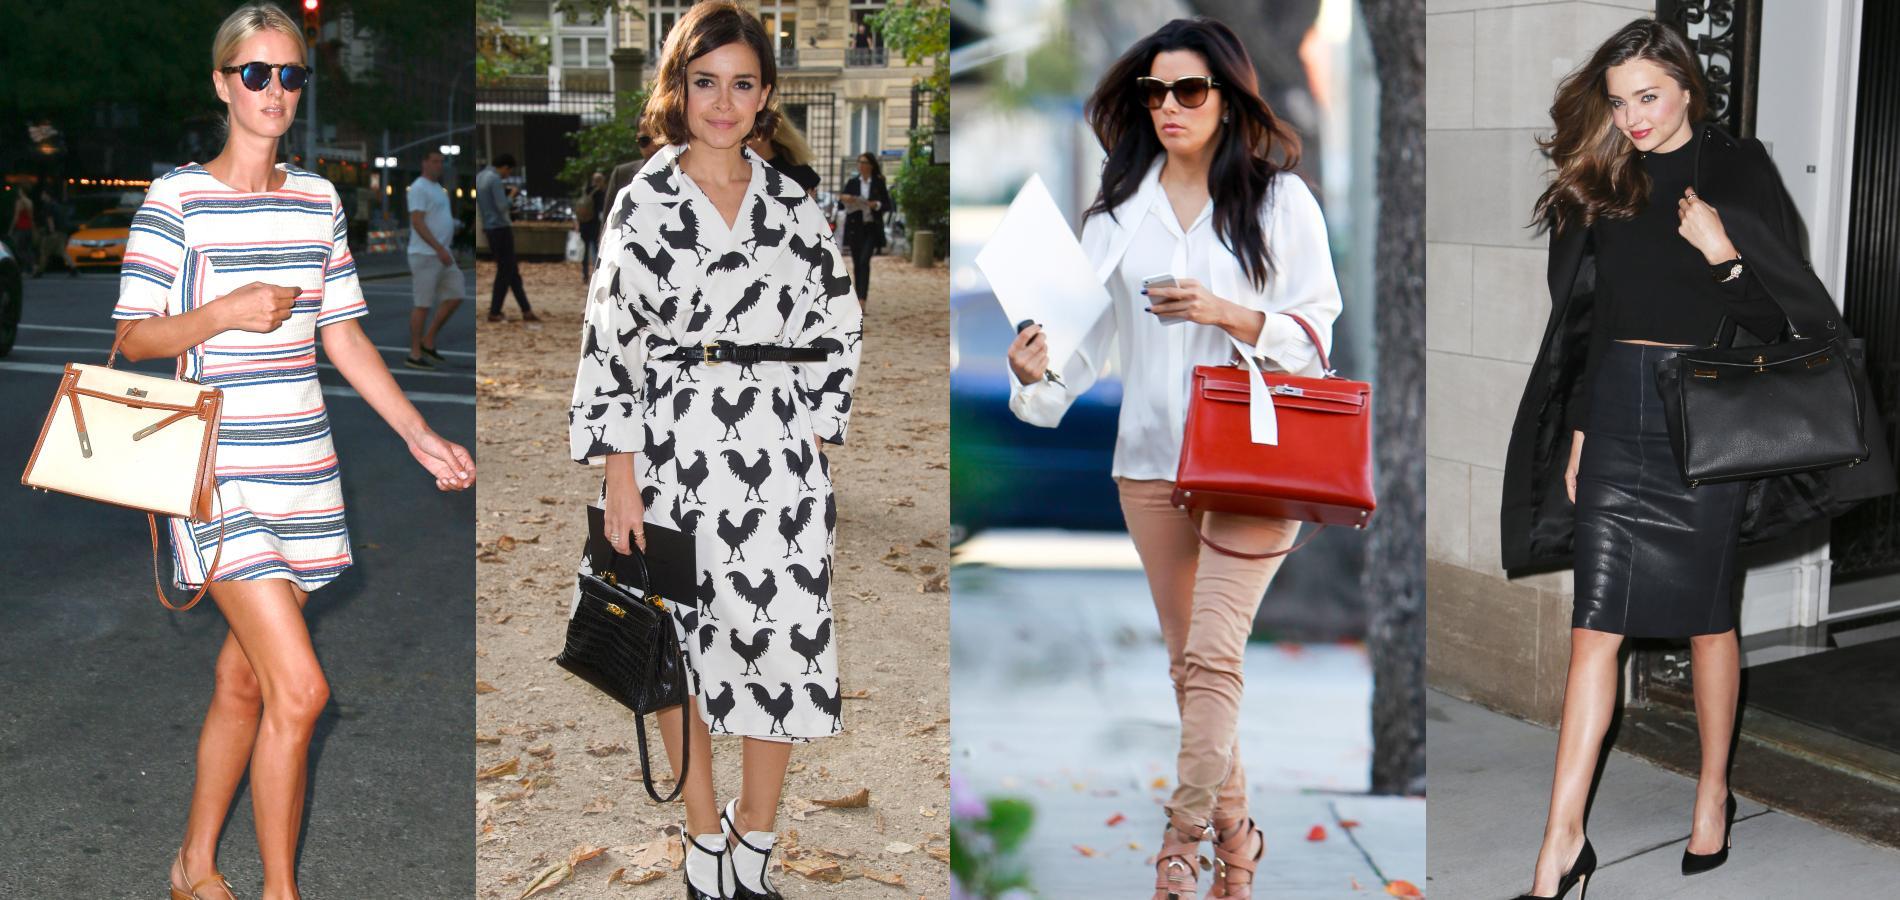 façons à Longoria Kelly Eva Miranda le cinq De d'Hermès Kerr porter de qYU6wxB